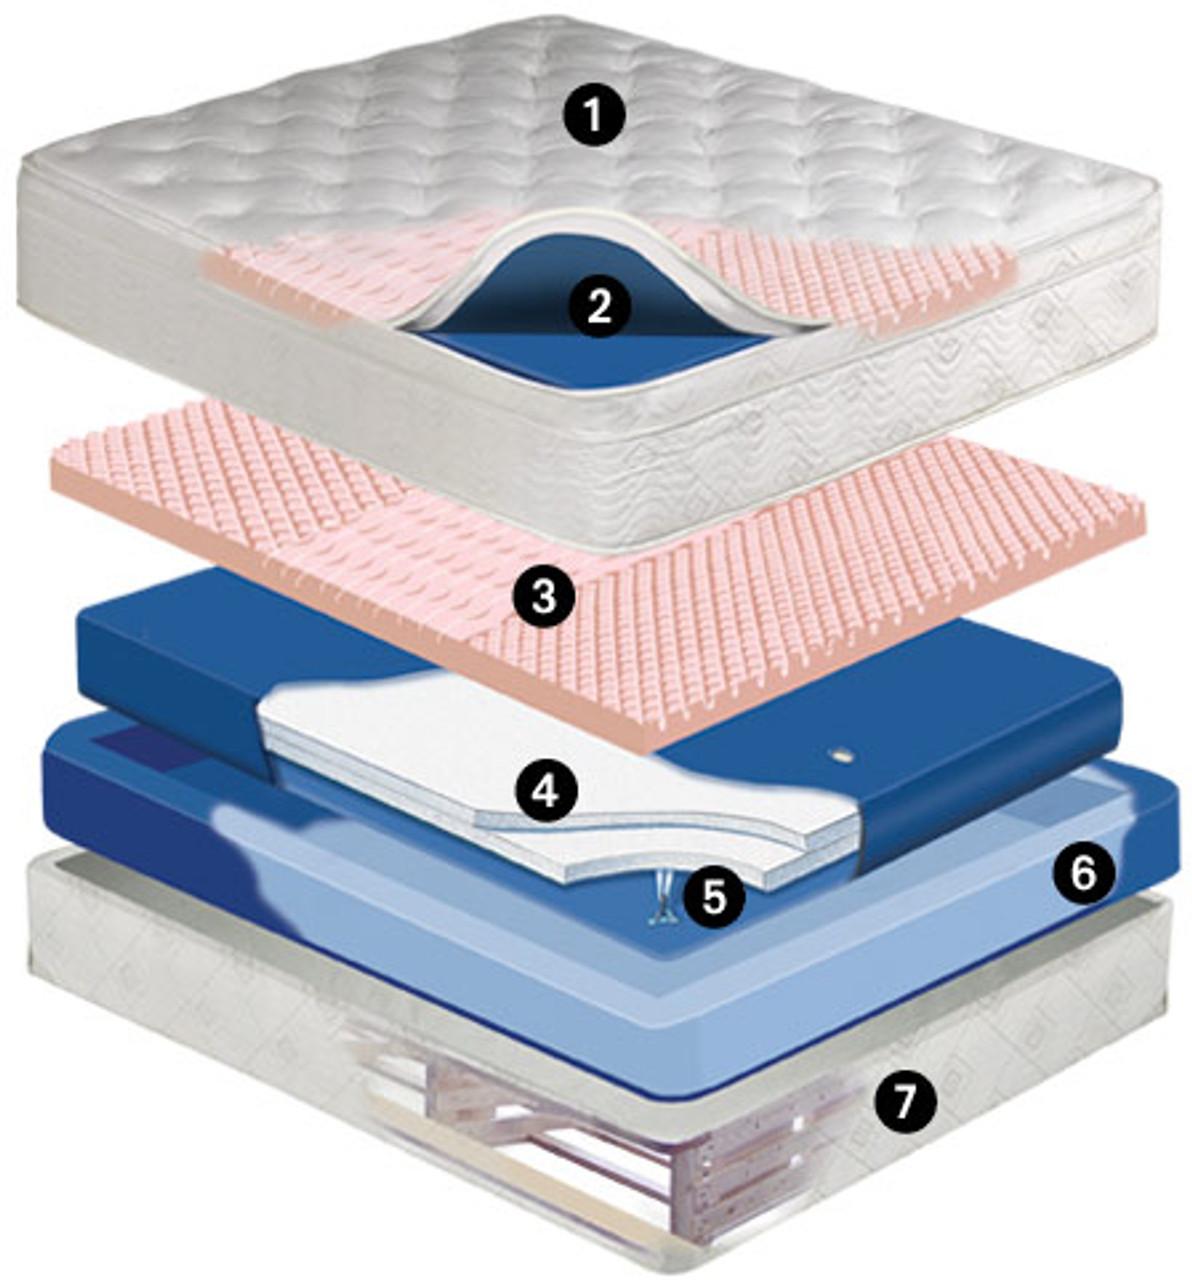 Pembroke Mid Fill 11 inch softside waterbed mattress Waveless Mattress